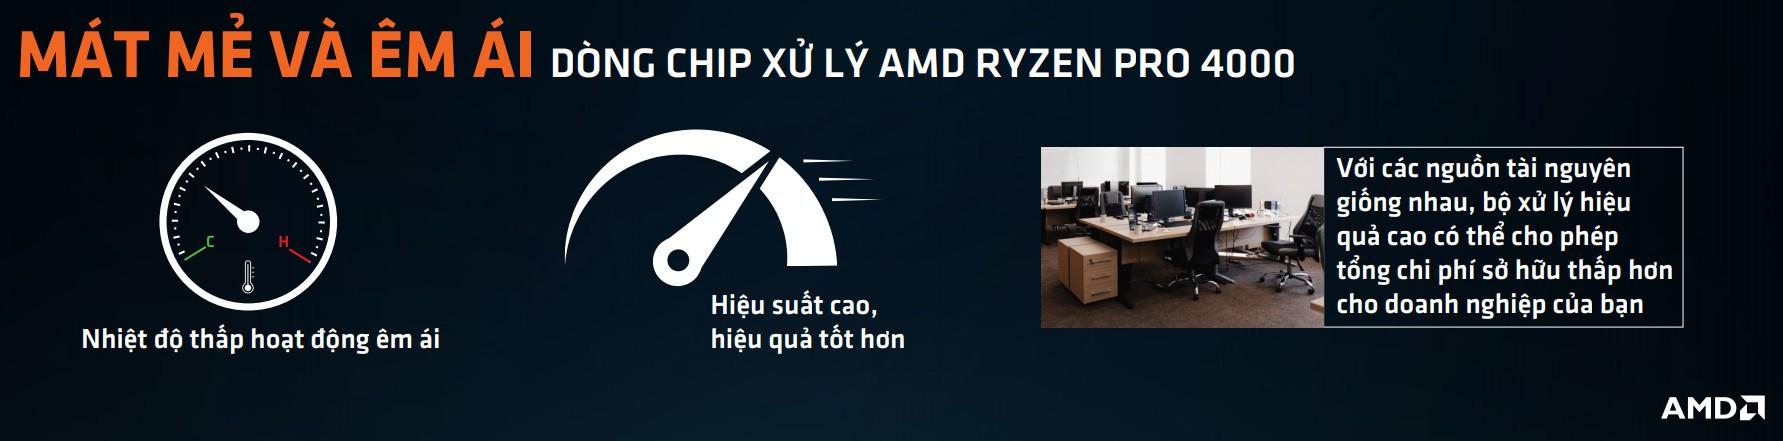 Hiệu năng CPU AMD Ryzen 7 Pro 4750G